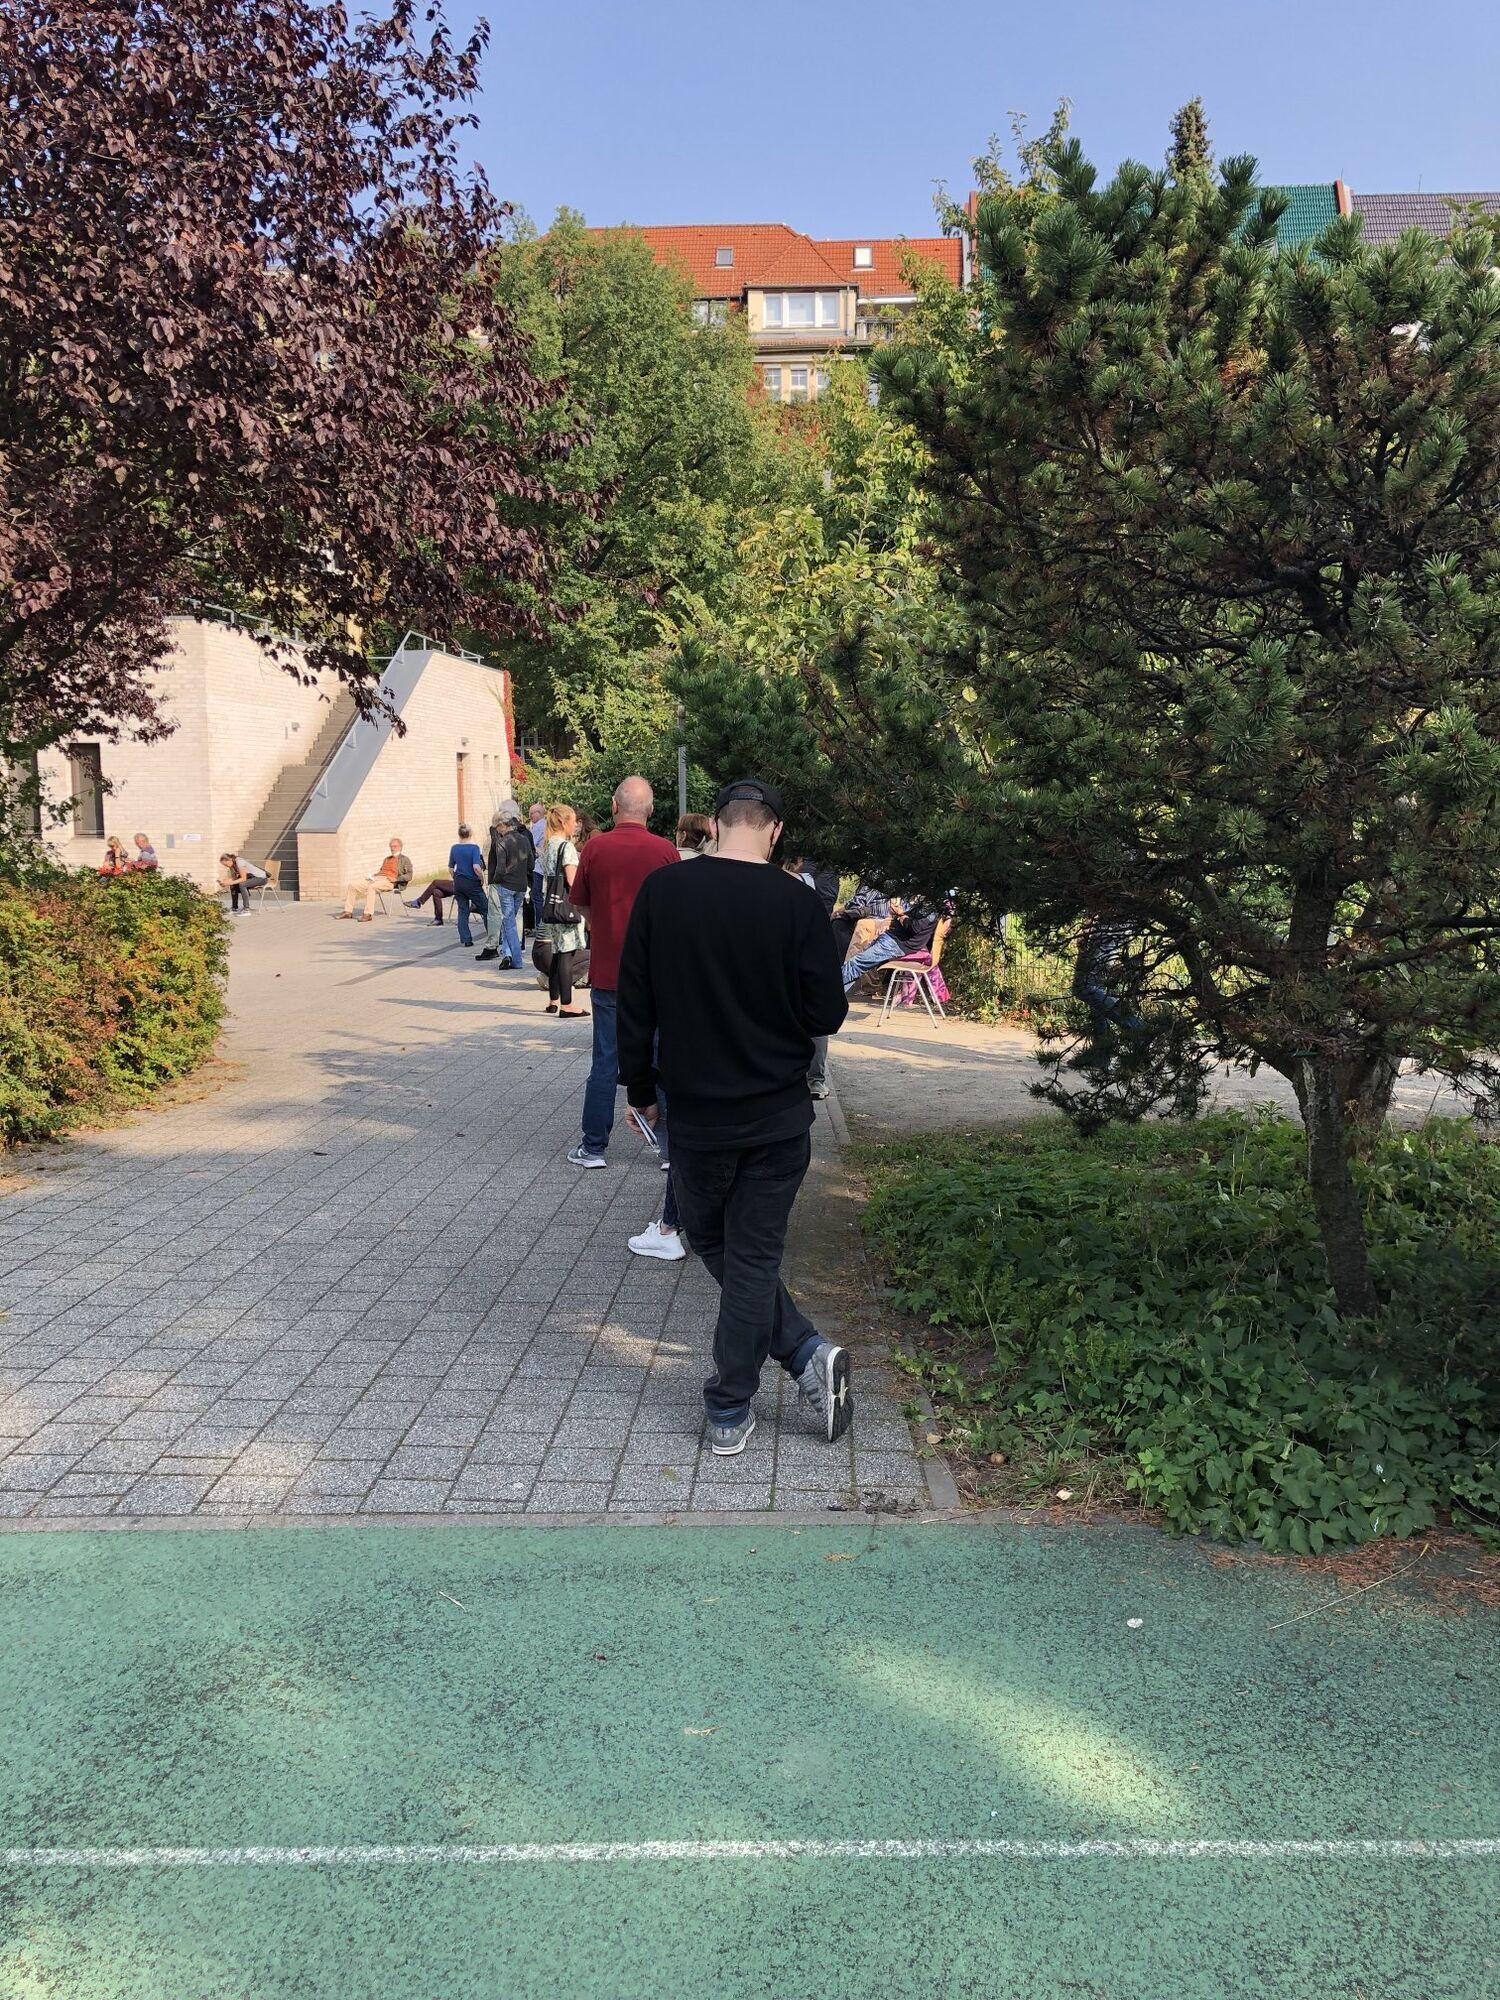 Через марафон у Берліні до дільниць не могли вчасно доставити бюлетені